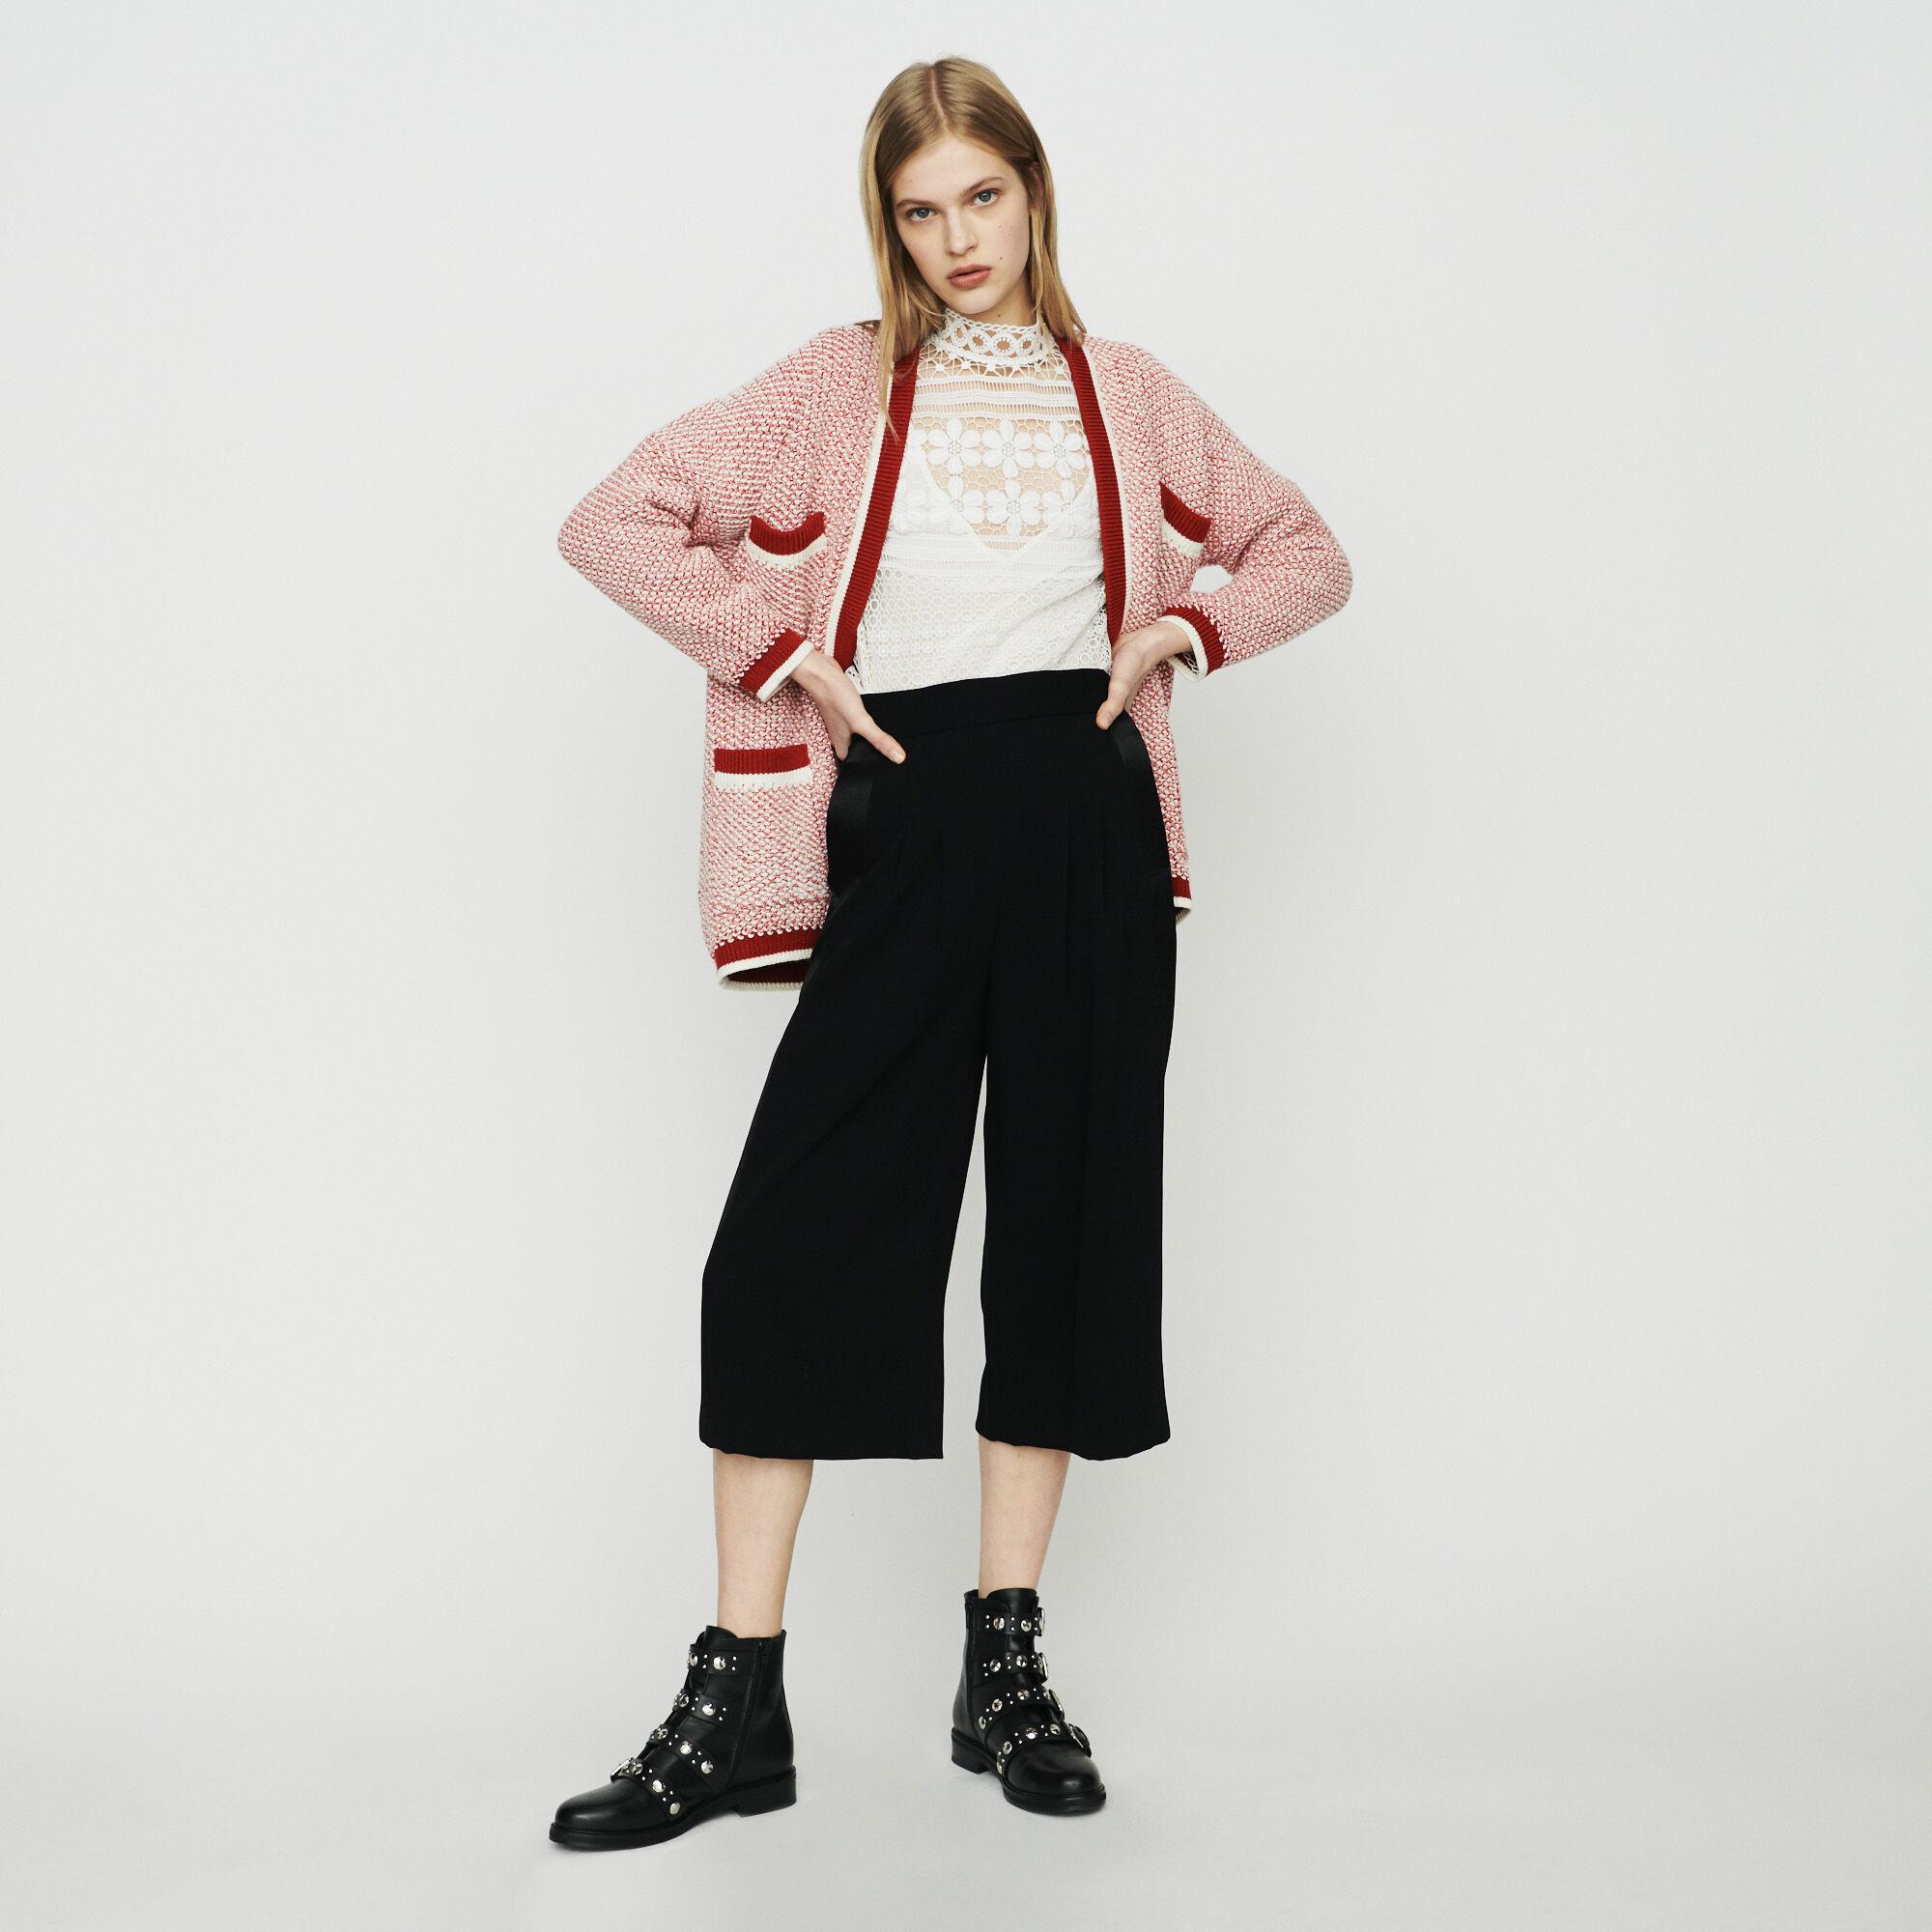 Paris En À Vêtements Porter FémininMaje Maille Prêt 0nPkwO